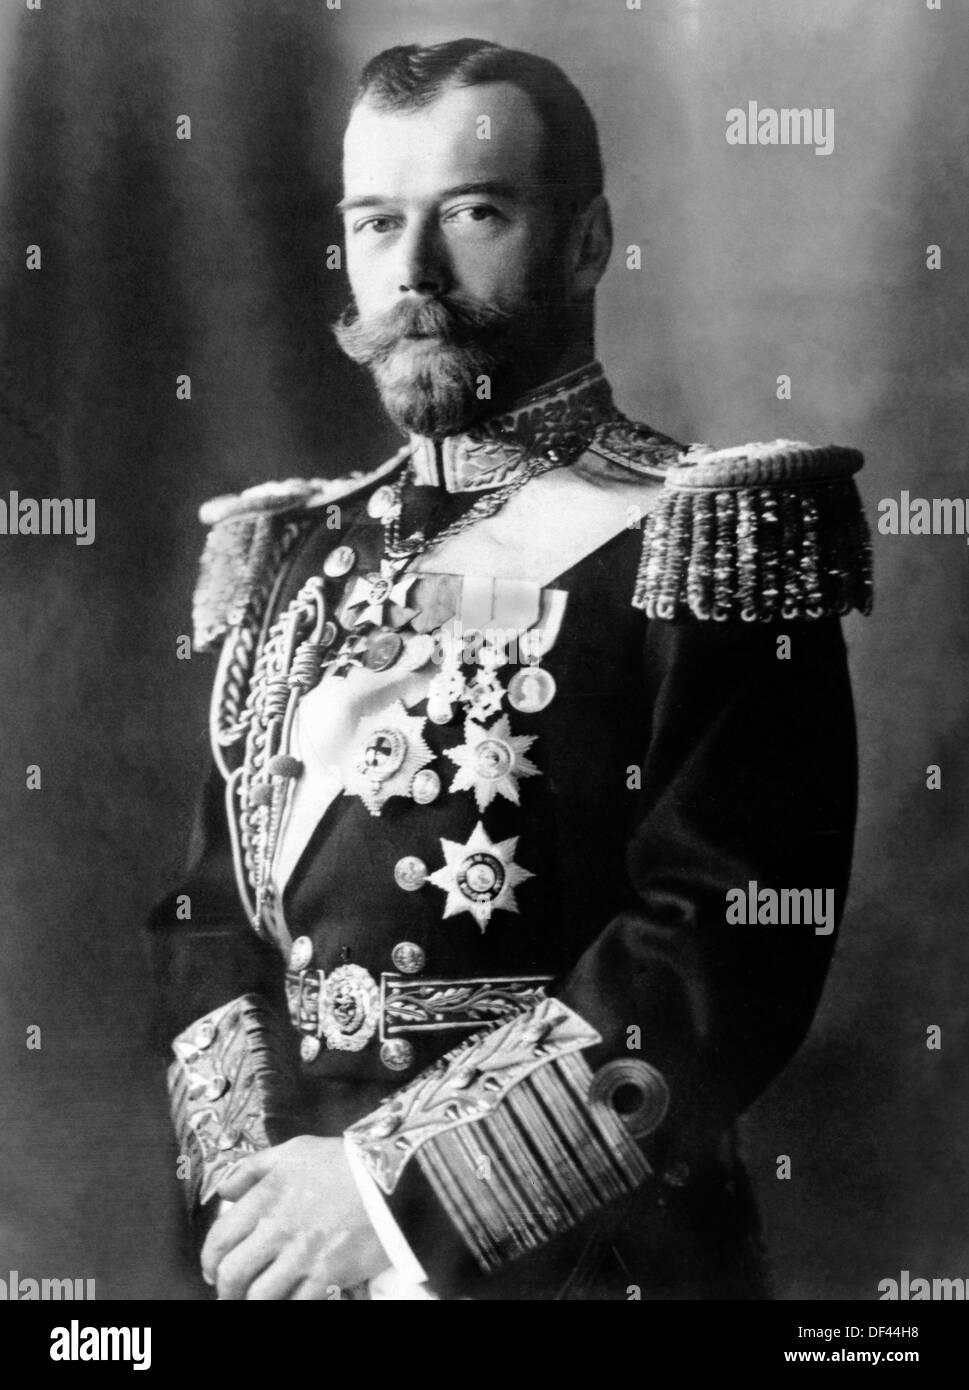 czar nicholas ii 1868 1918 last emperor of russia portrait 1917